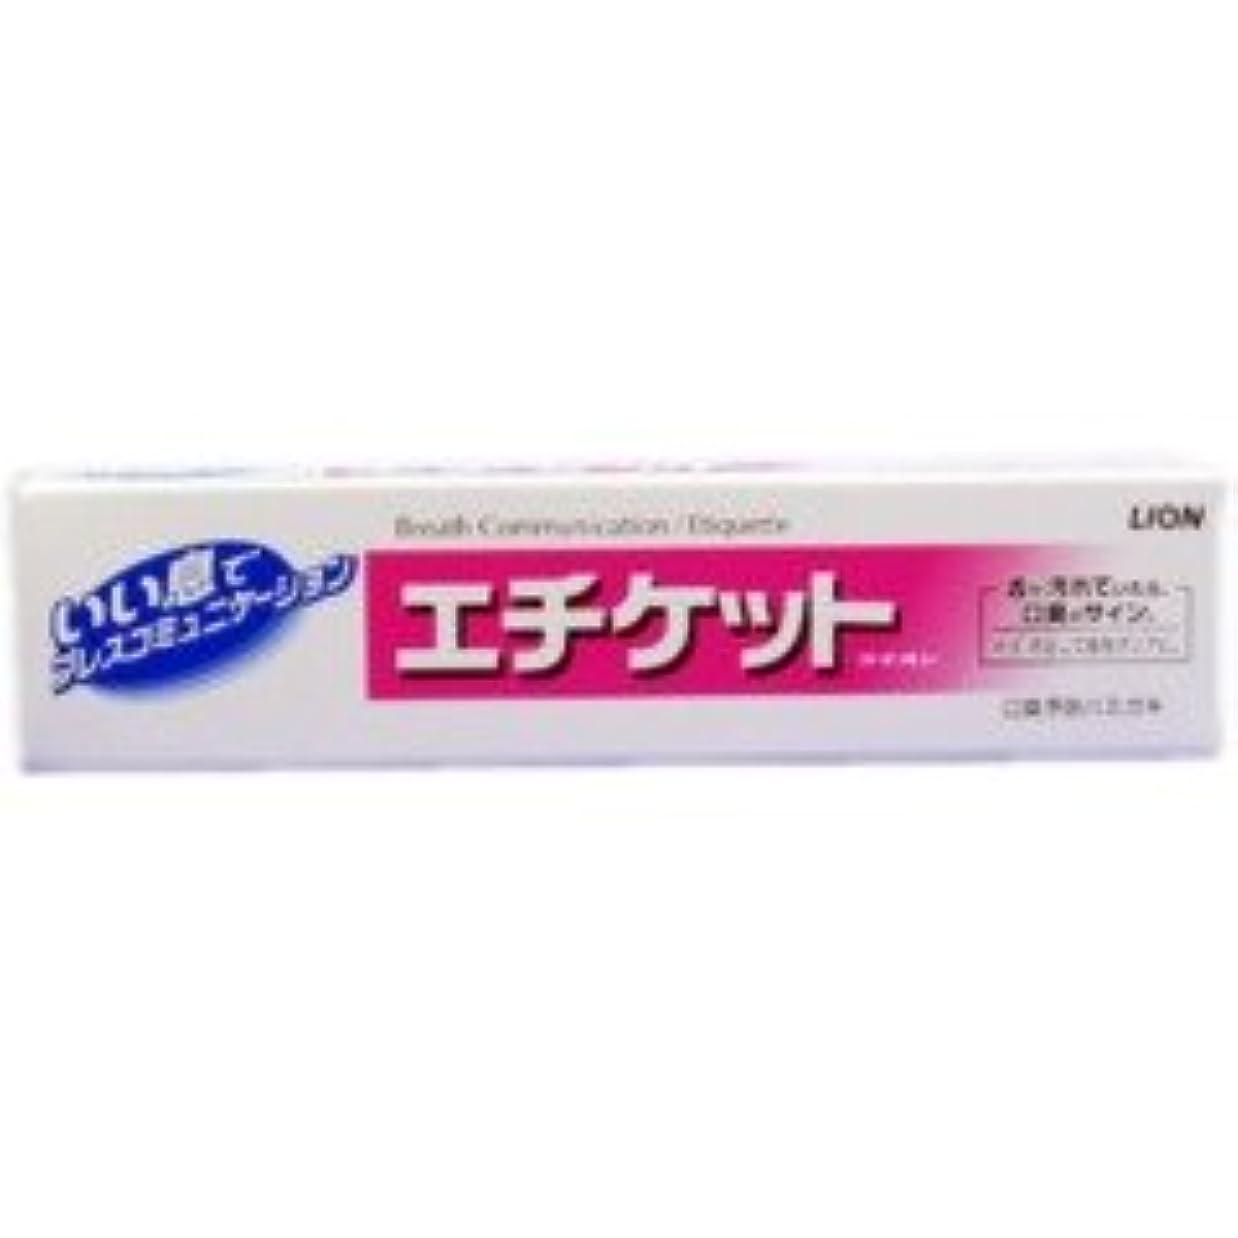 マガジン処理する不公平ライオンヘルスケア エチケット(40g×3個)